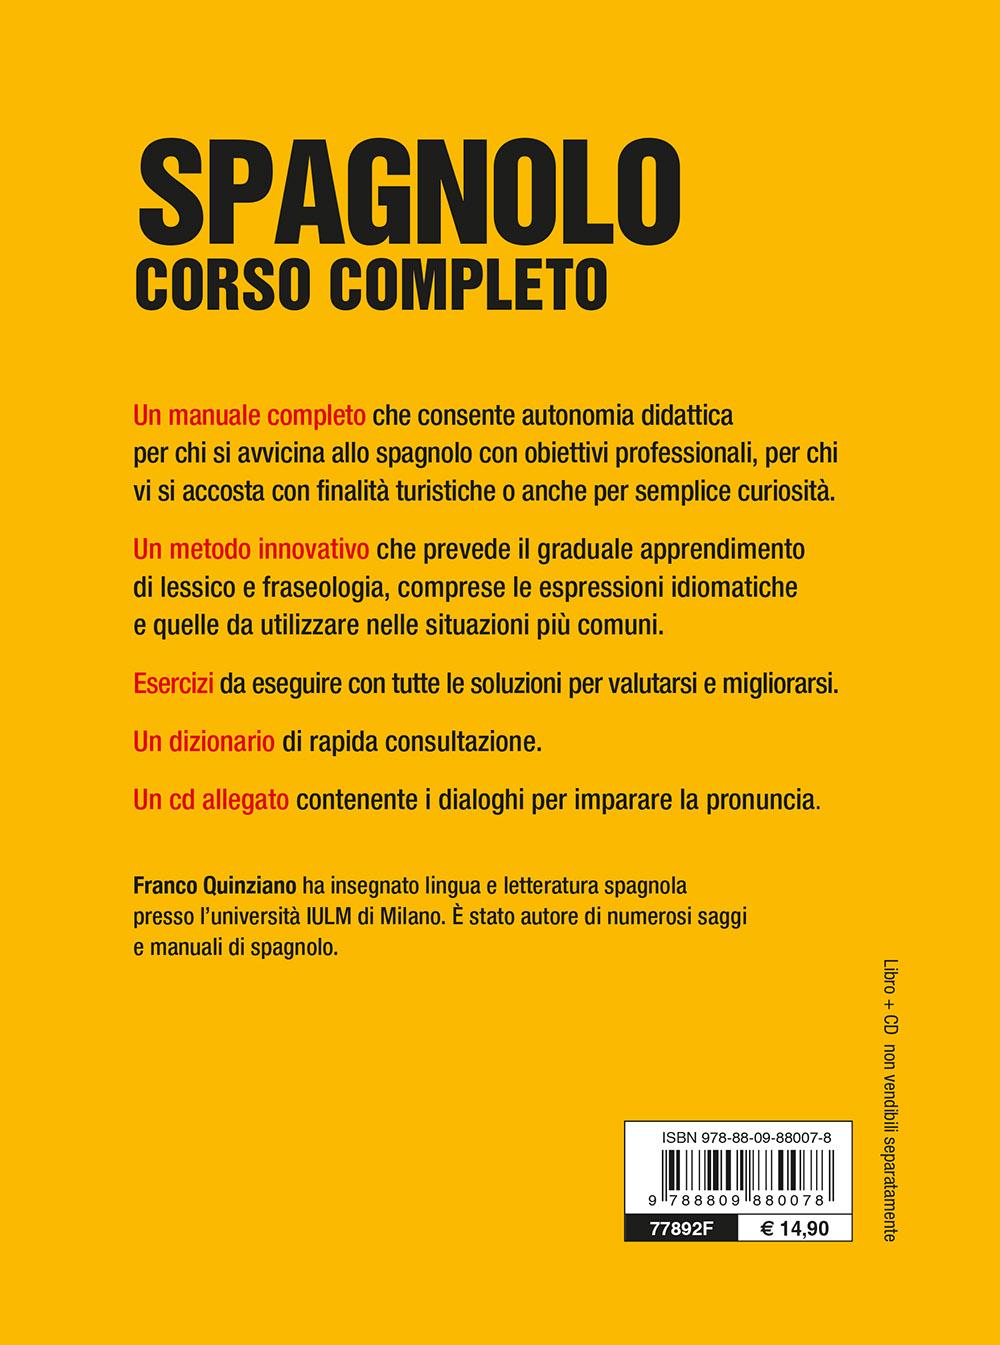 Spagnolo. Corso completo con CD e MP3